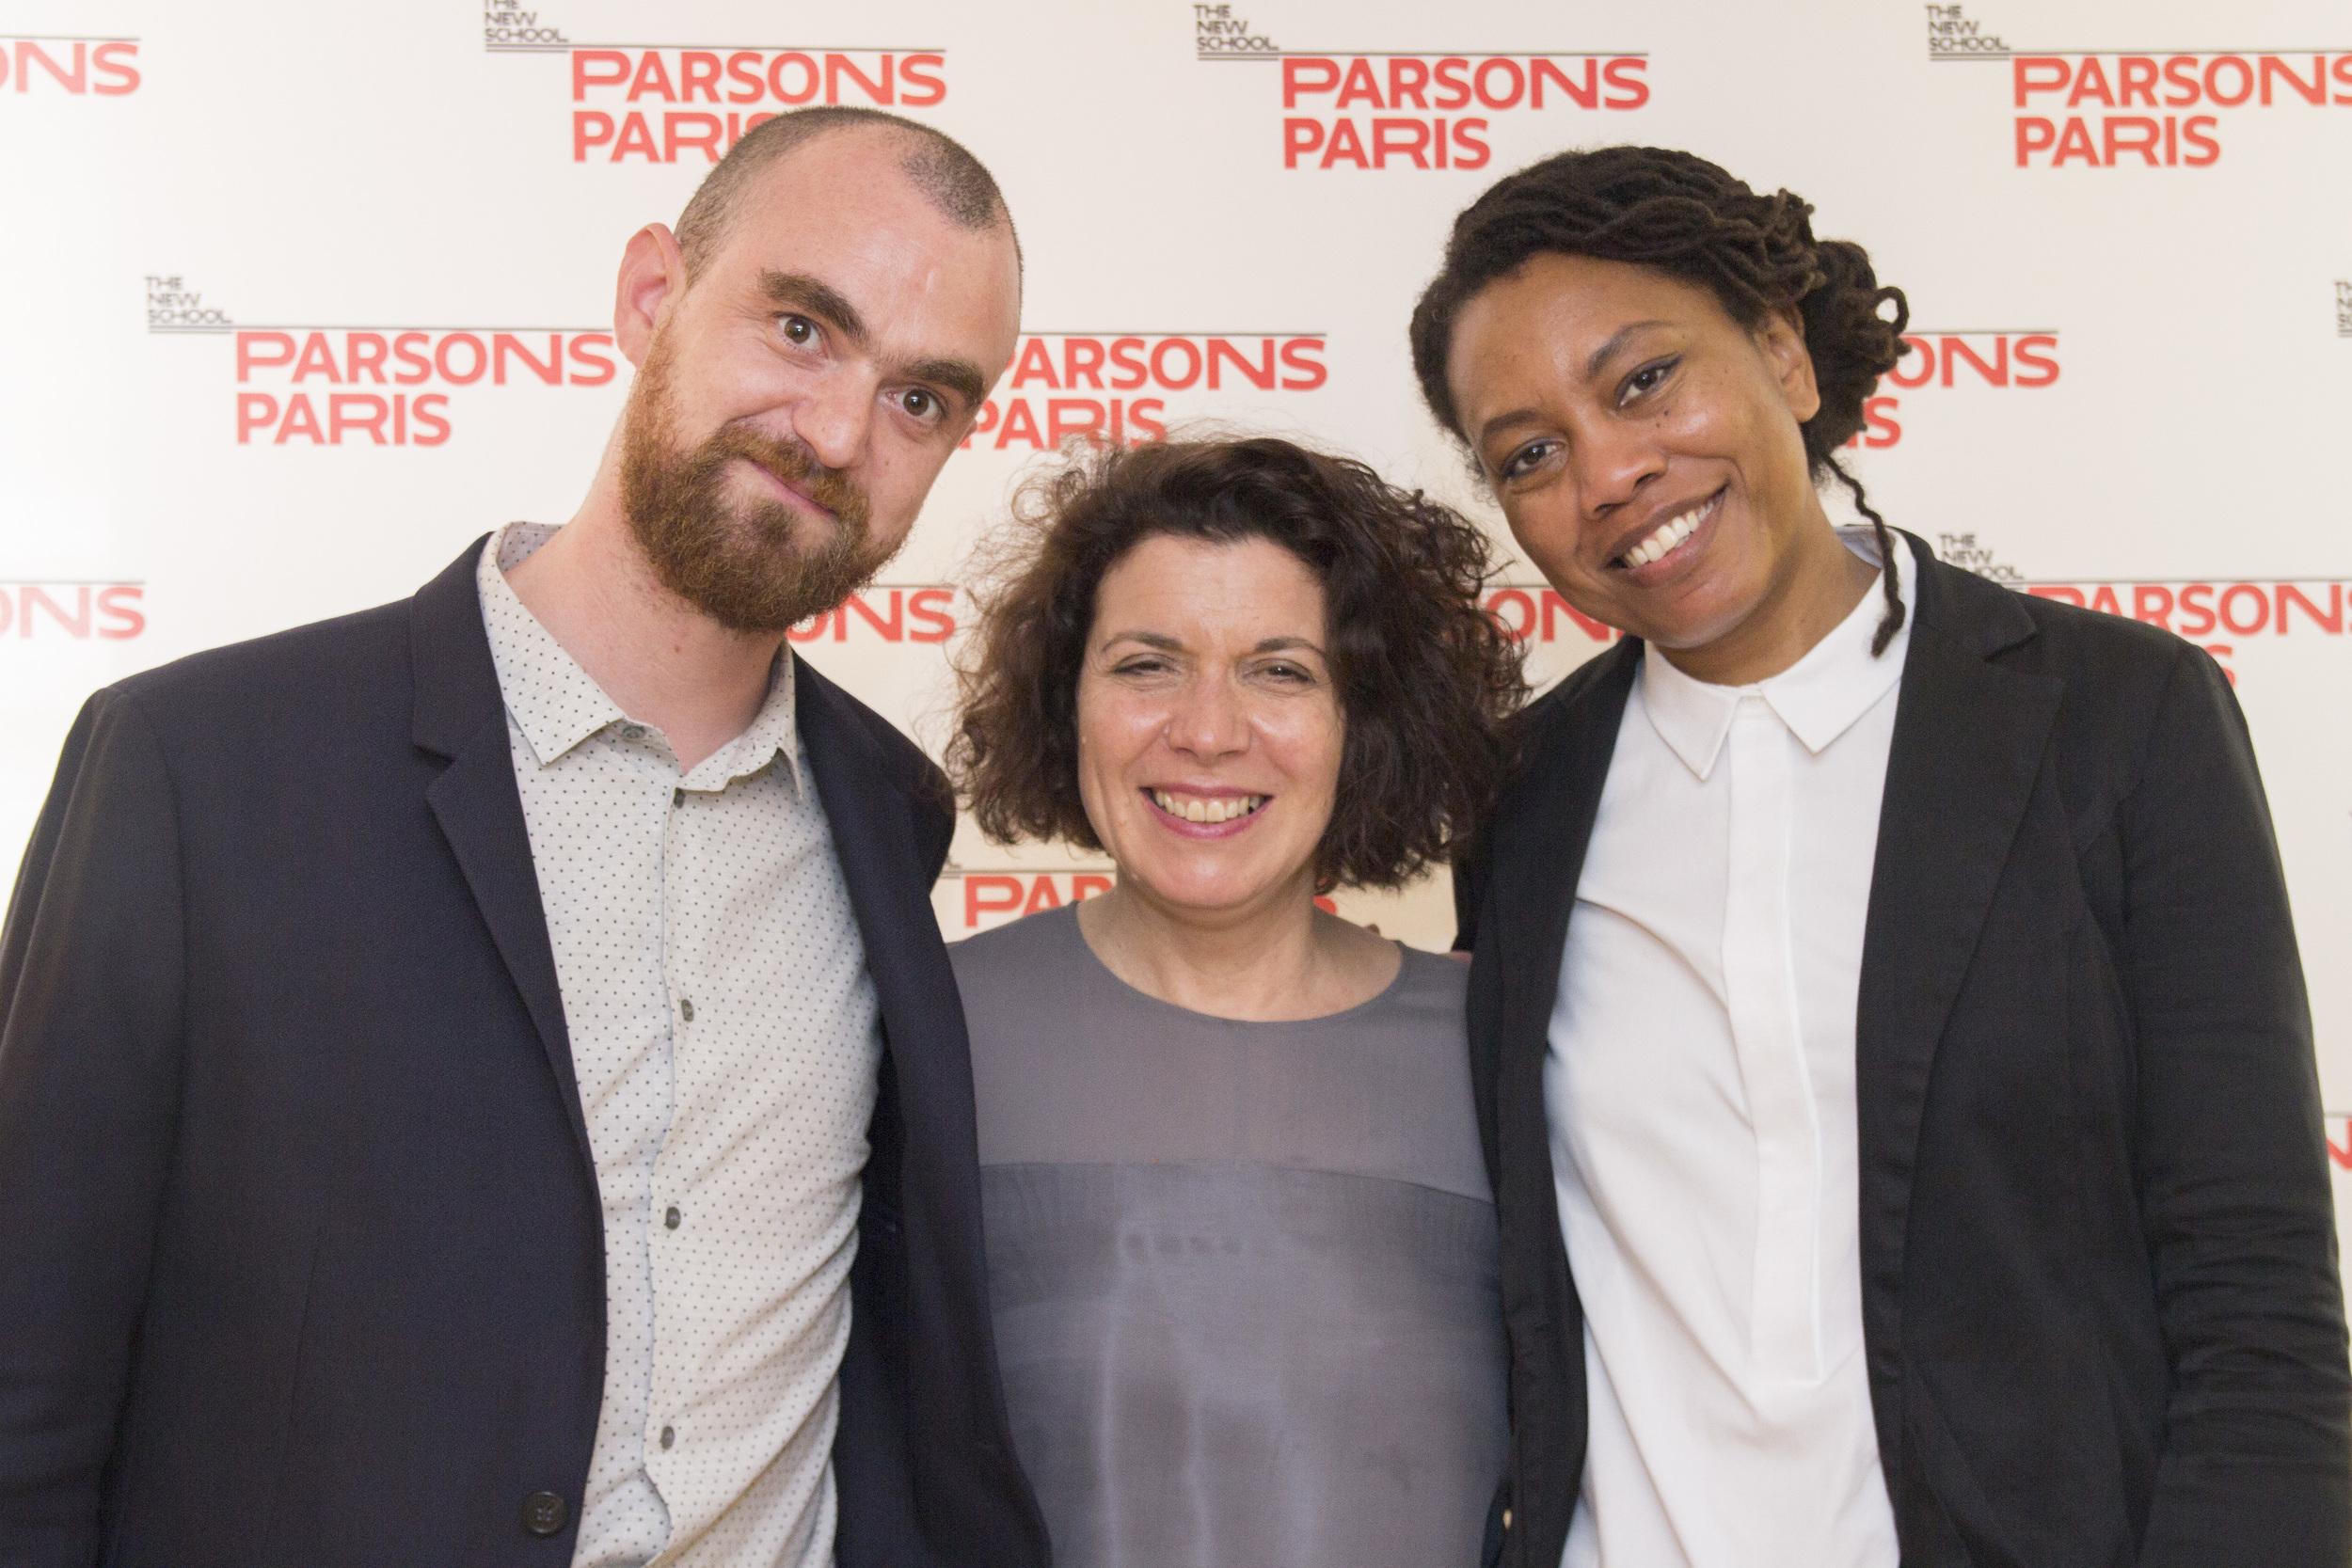 TNS_ParsonsParis_Graduation_149.jpg